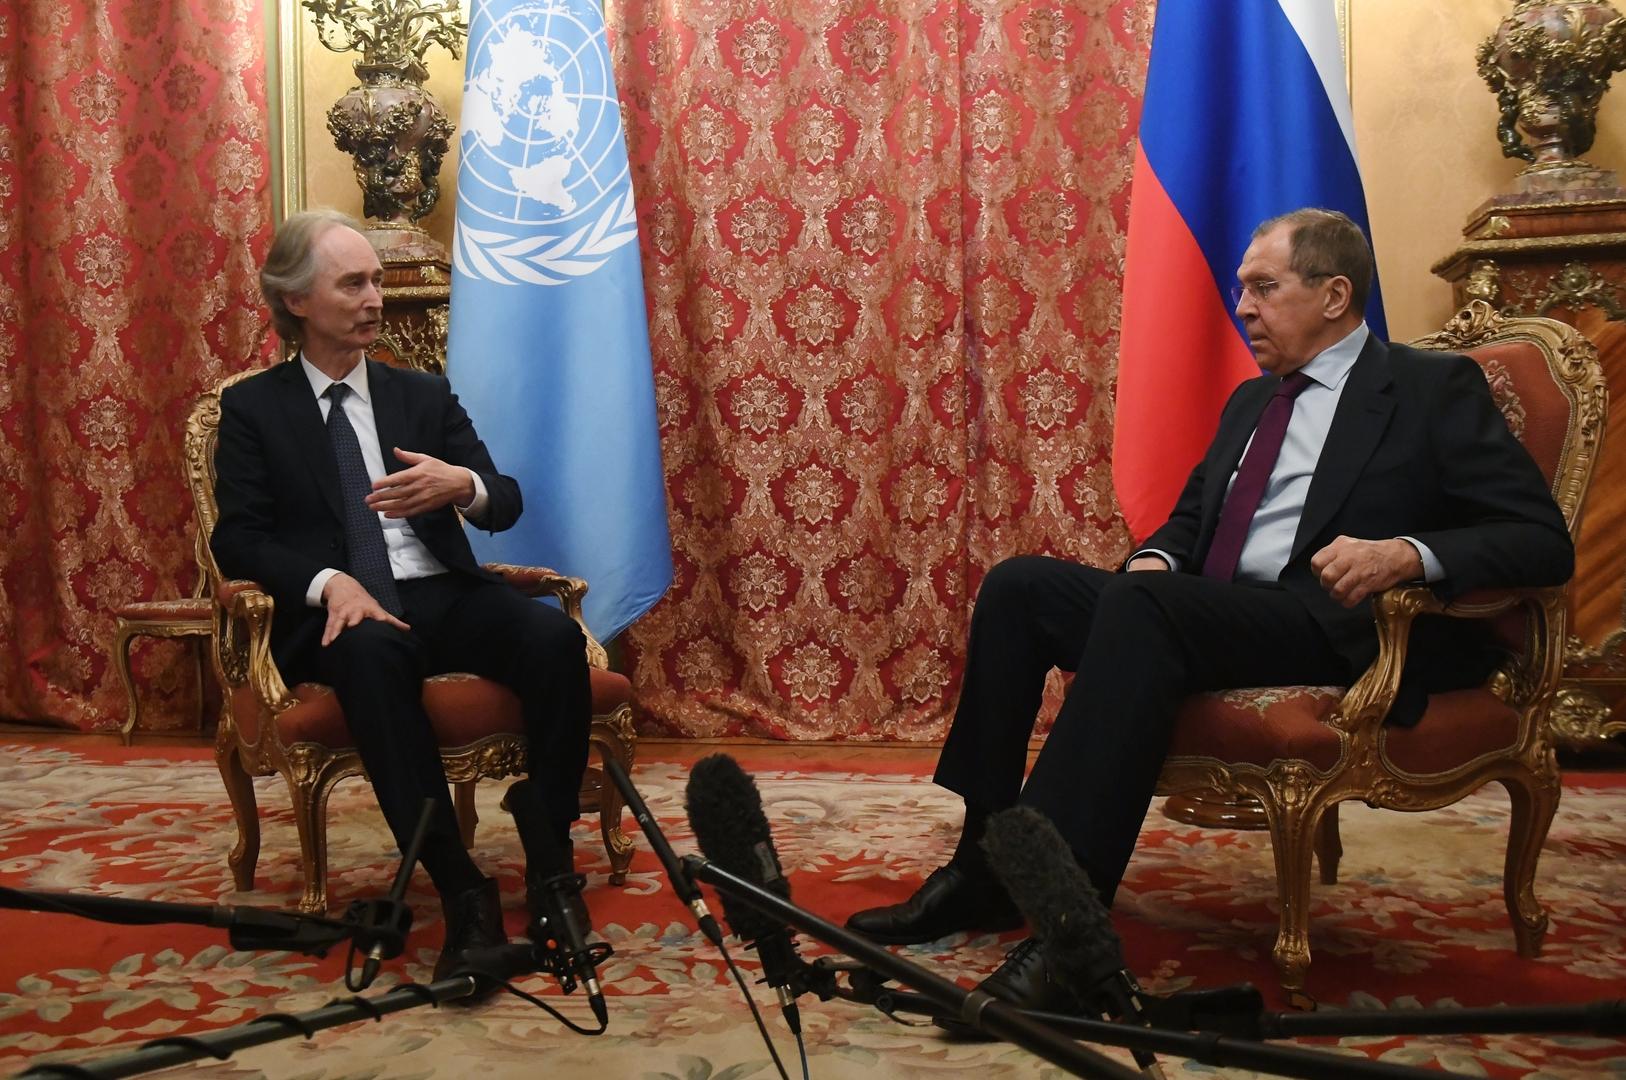 لافروف: دول أستانا تساعد سوريا في استئصال الإرهاب وضمان سيادتها